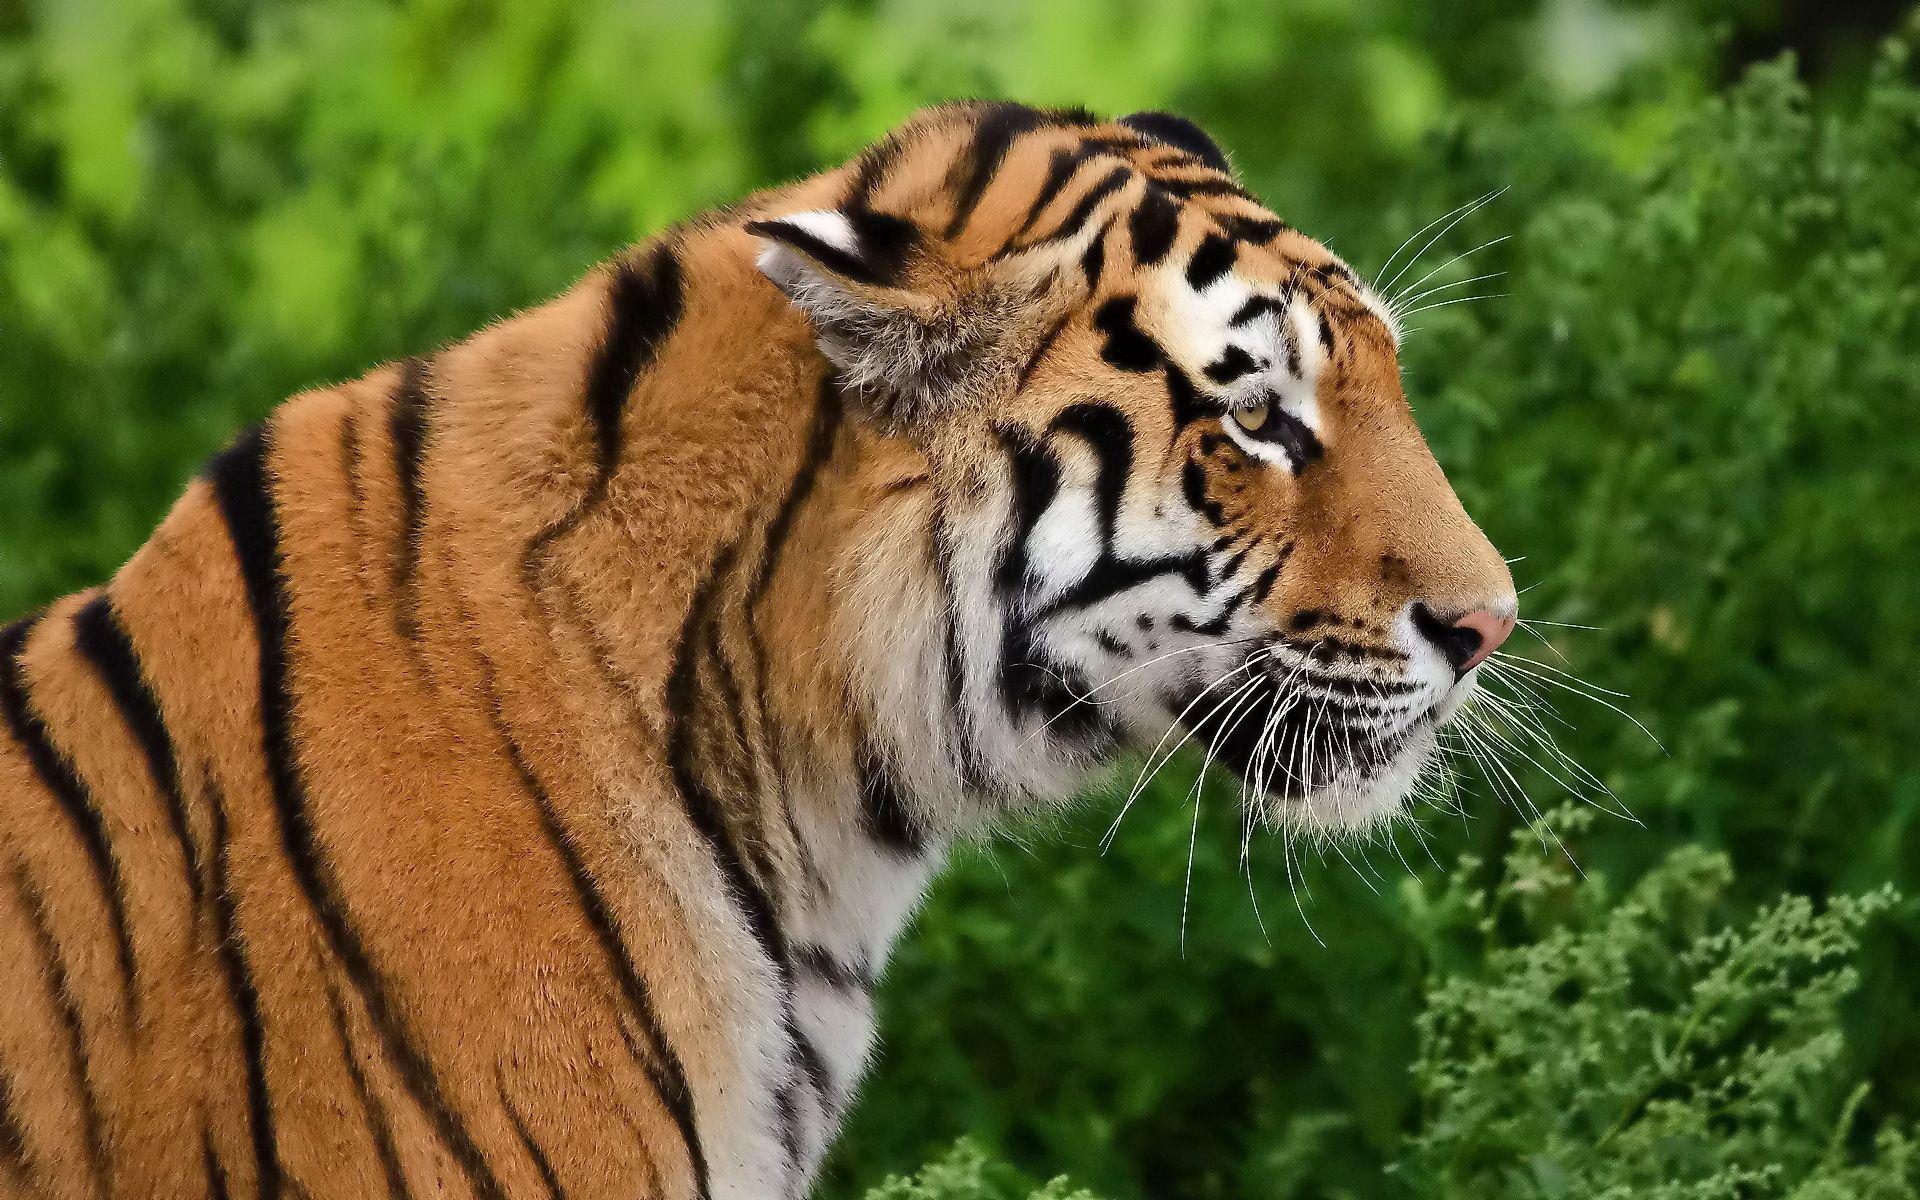 109139 скачать обои Животные, Тигр, Профиль, Хищник, Морда - заставки и картинки бесплатно